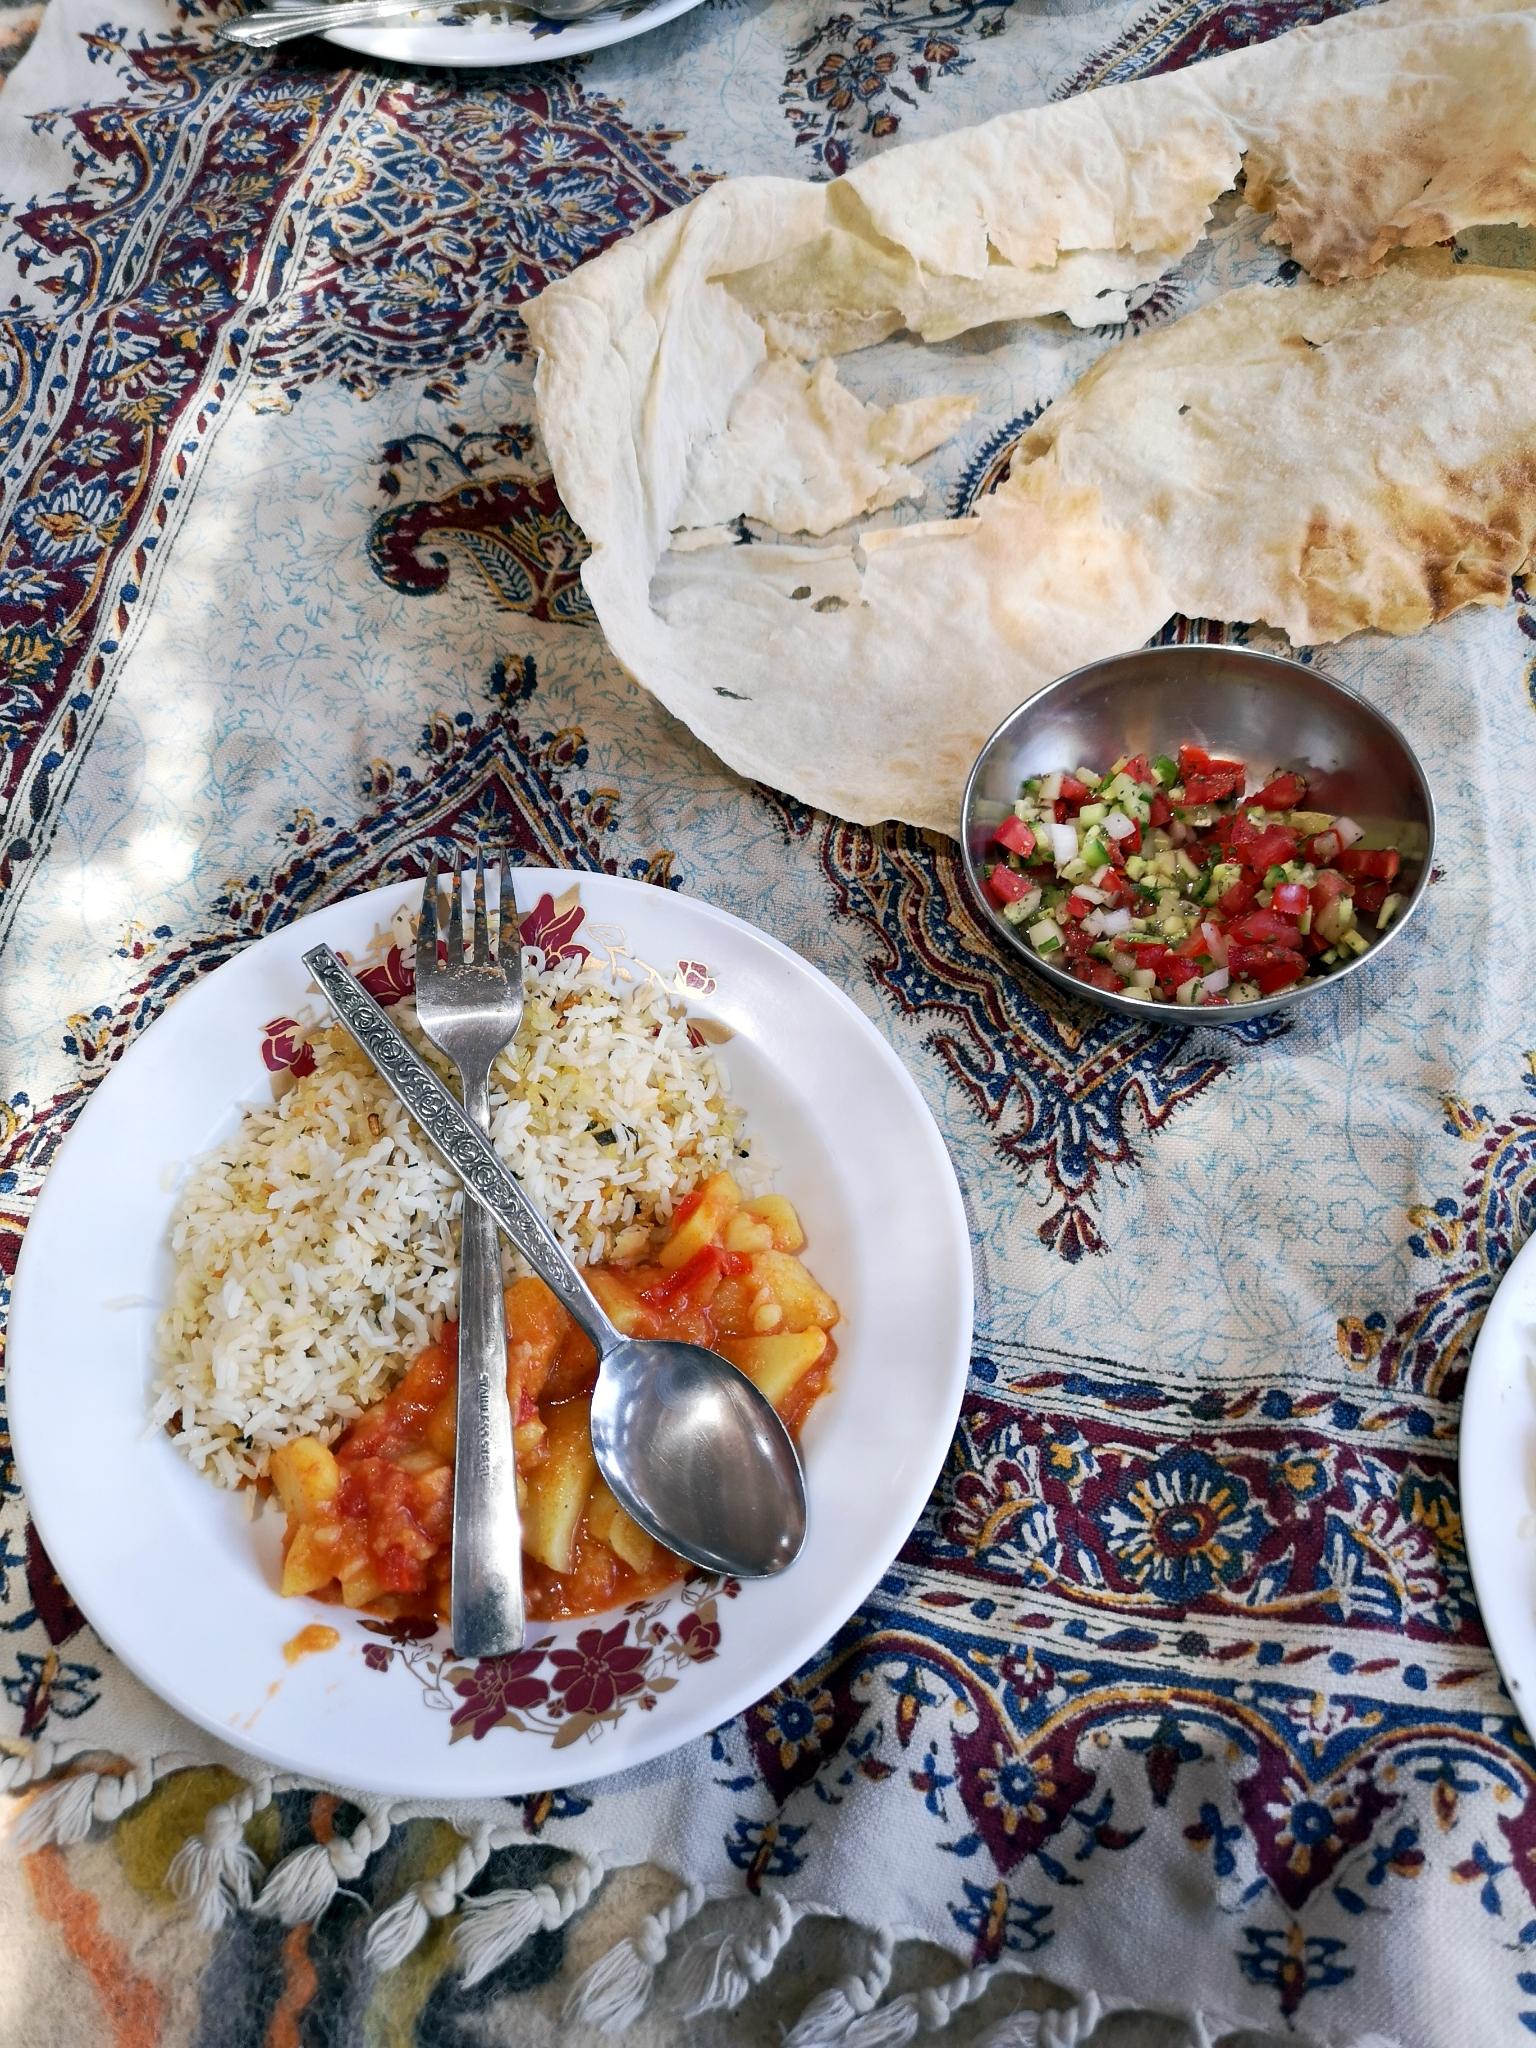 Rizs, pirított borbolyával és paradicsomos krumplival, minden főételhez járt shirazi (hagyma, uborka, paradicsom, menta) saláta és kenyér